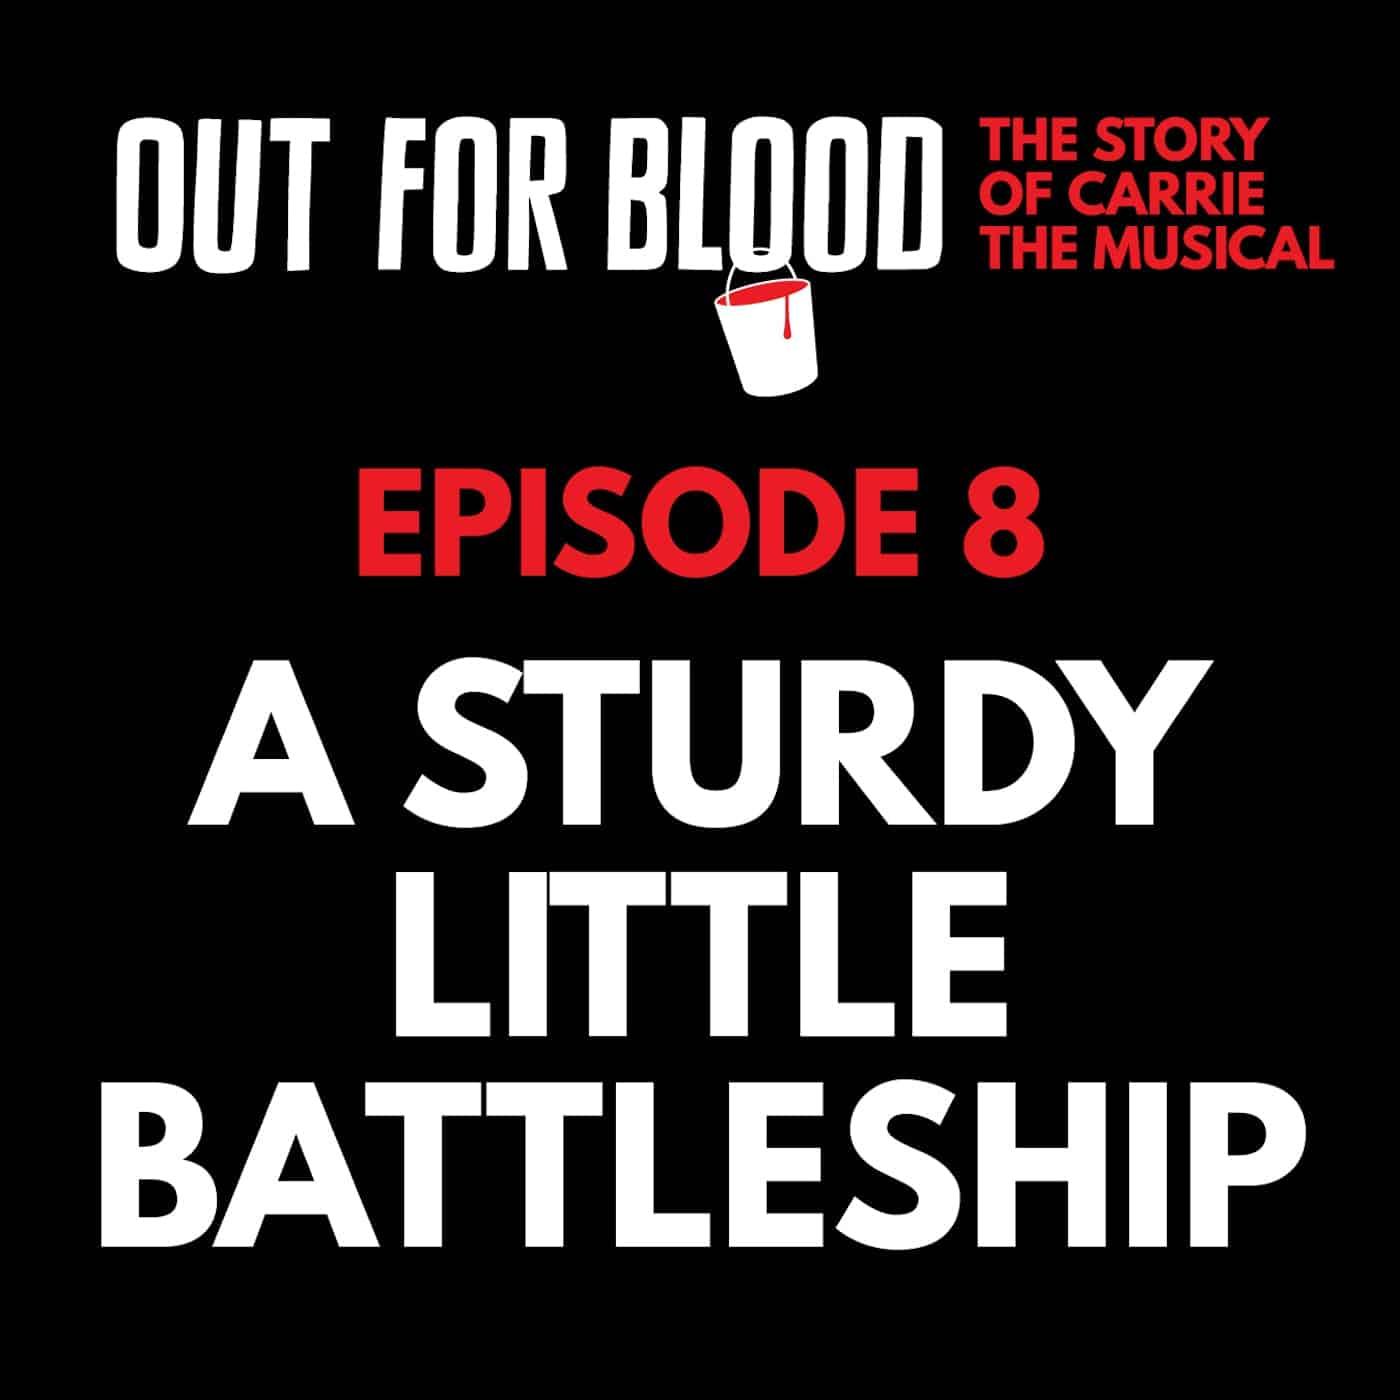 Chapter 8: A sturdy little battleship